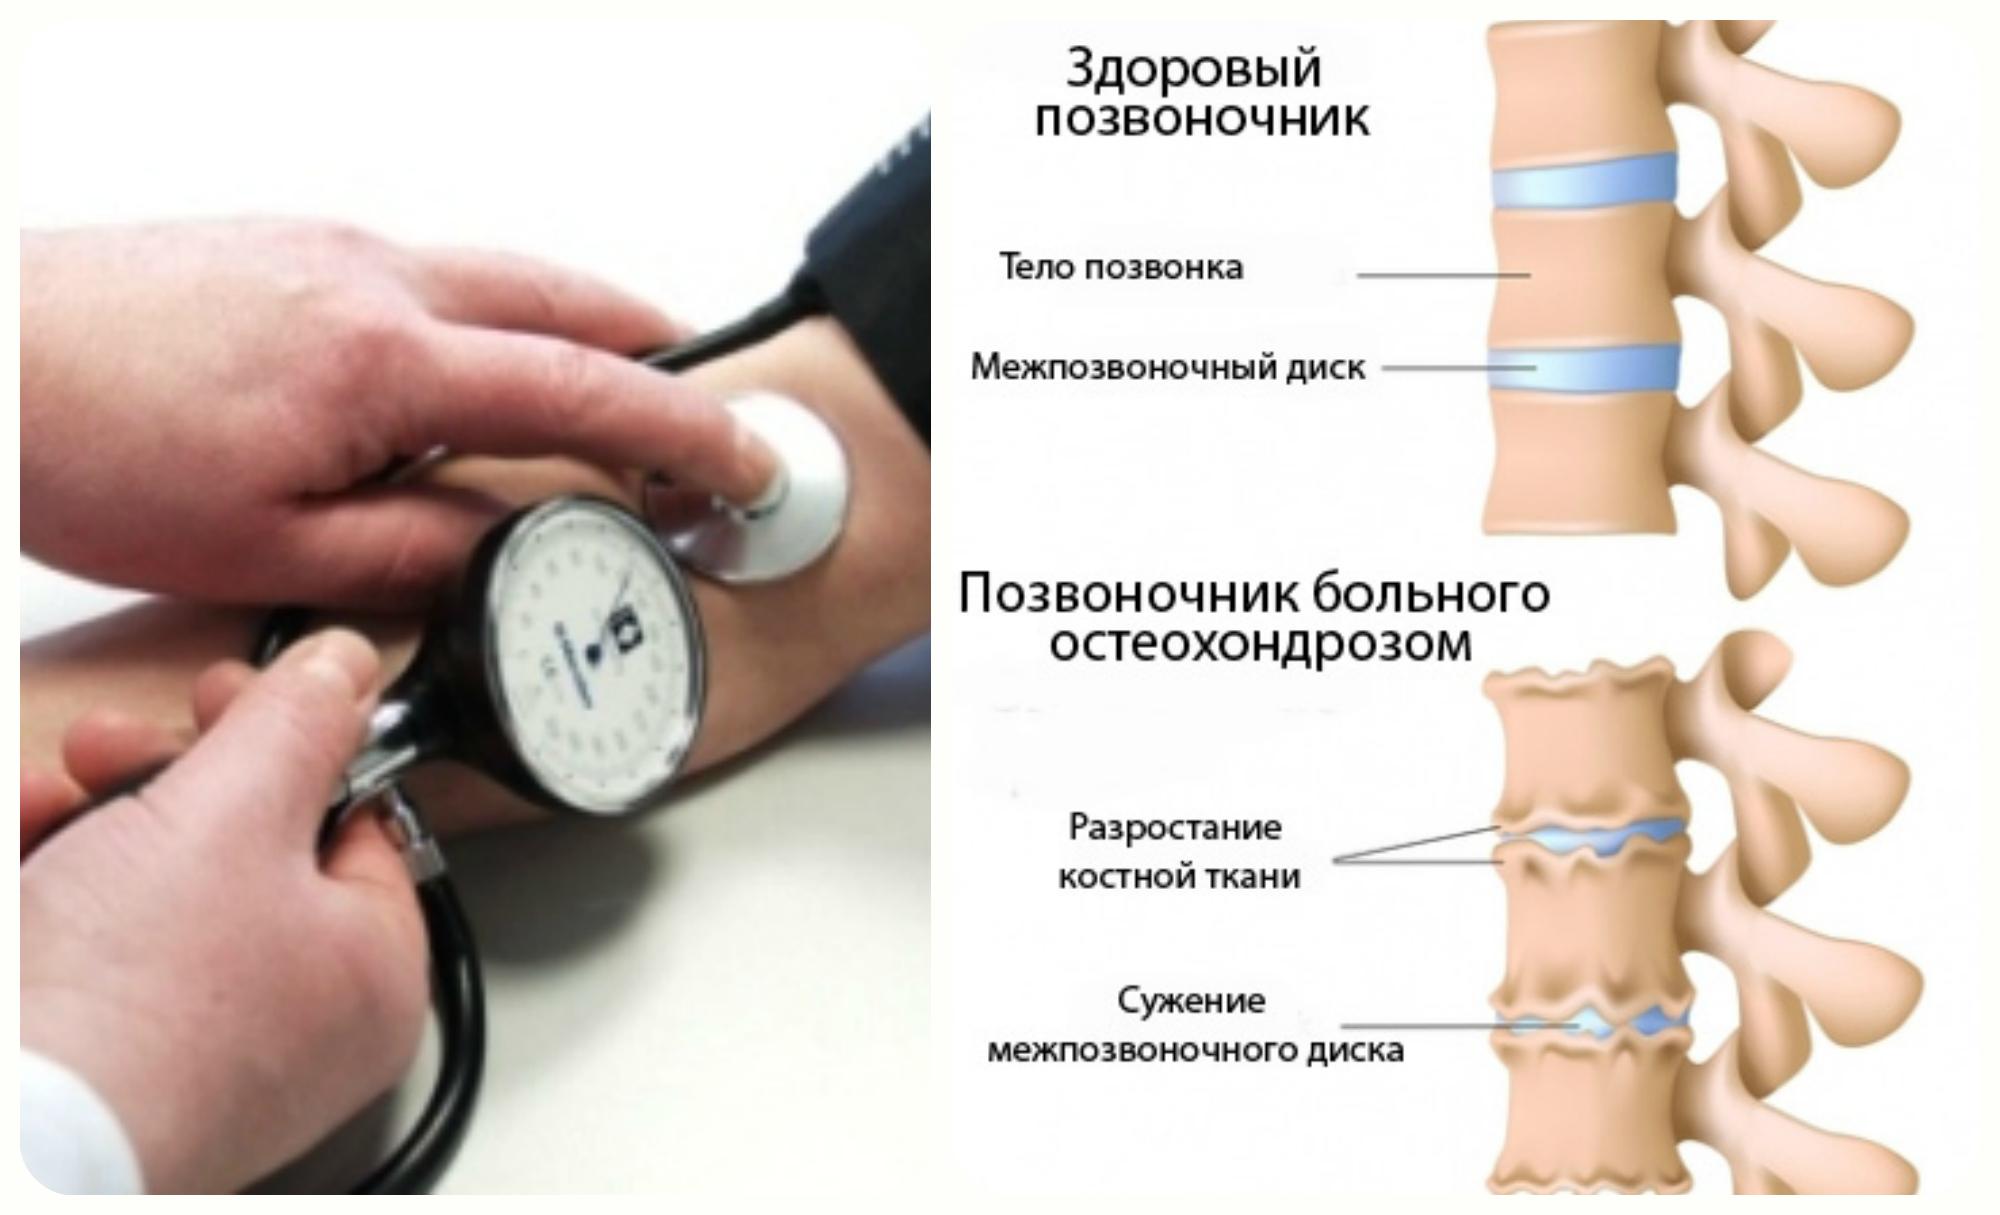 меряют давление и остеохондроз